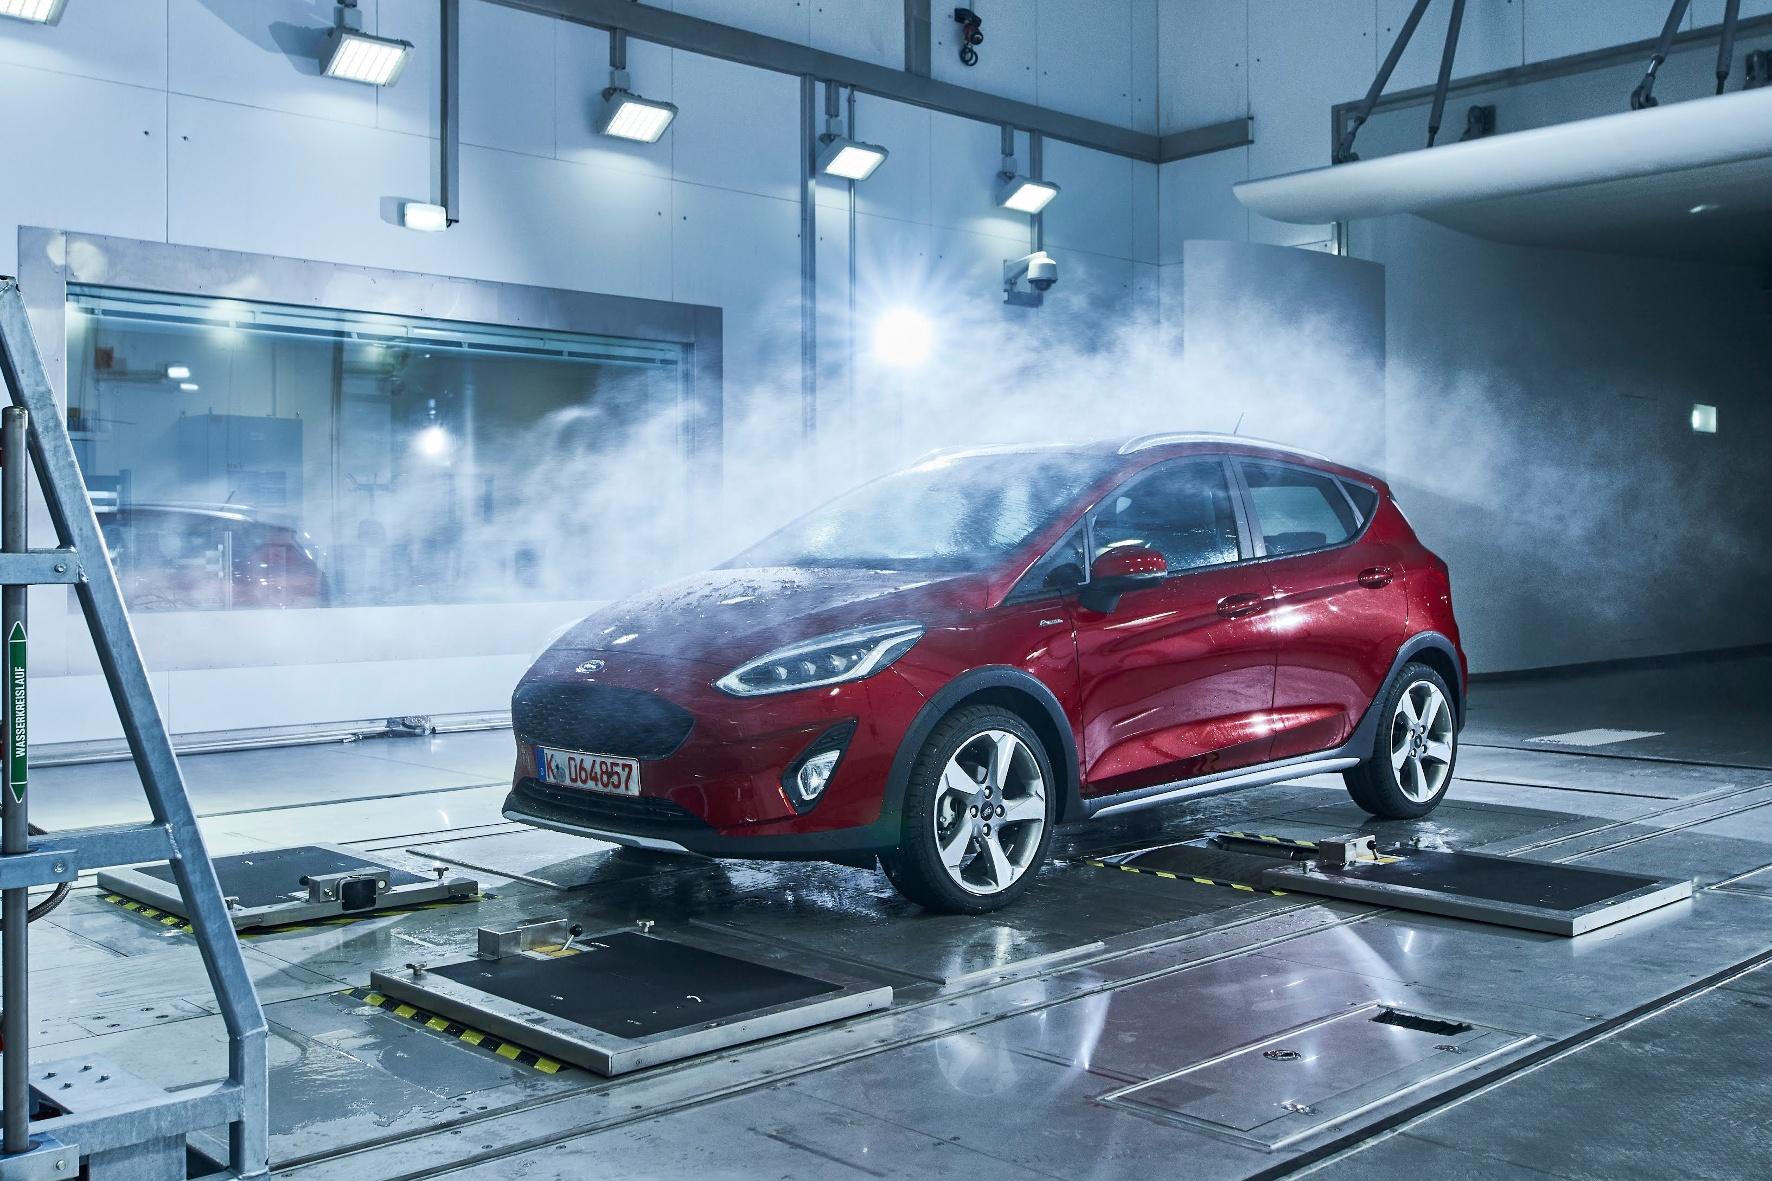 Autoteile und Prototypen werden unter extremen Temperaturen getestet